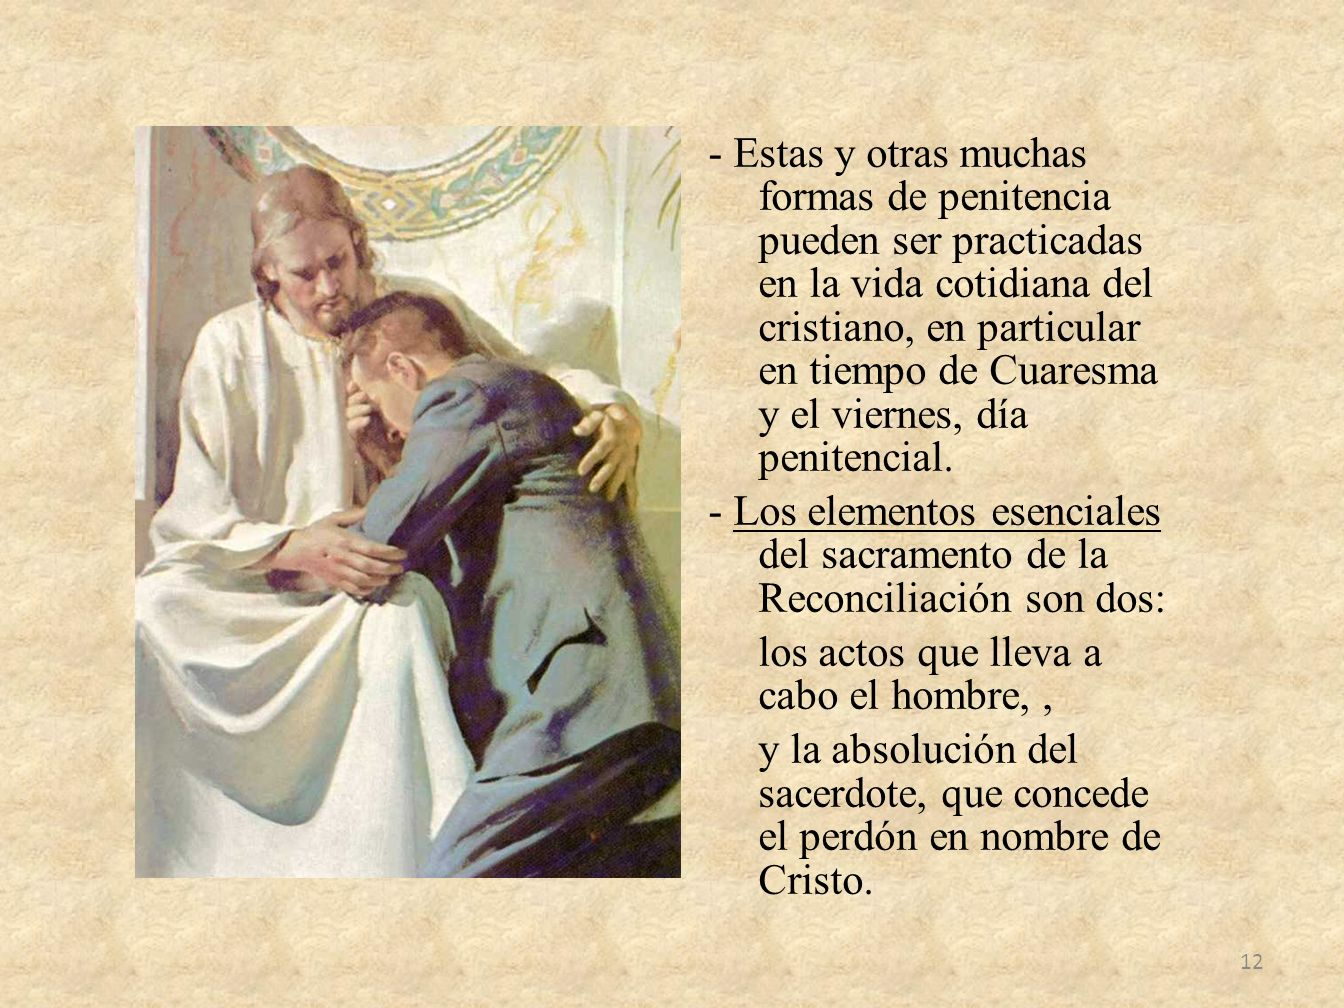 - Estas y otras muchas formas de penitencia pueden ser practicadas en la vida cotidiana del cristiano, en particular en tiempo de Cuaresma y el vierne